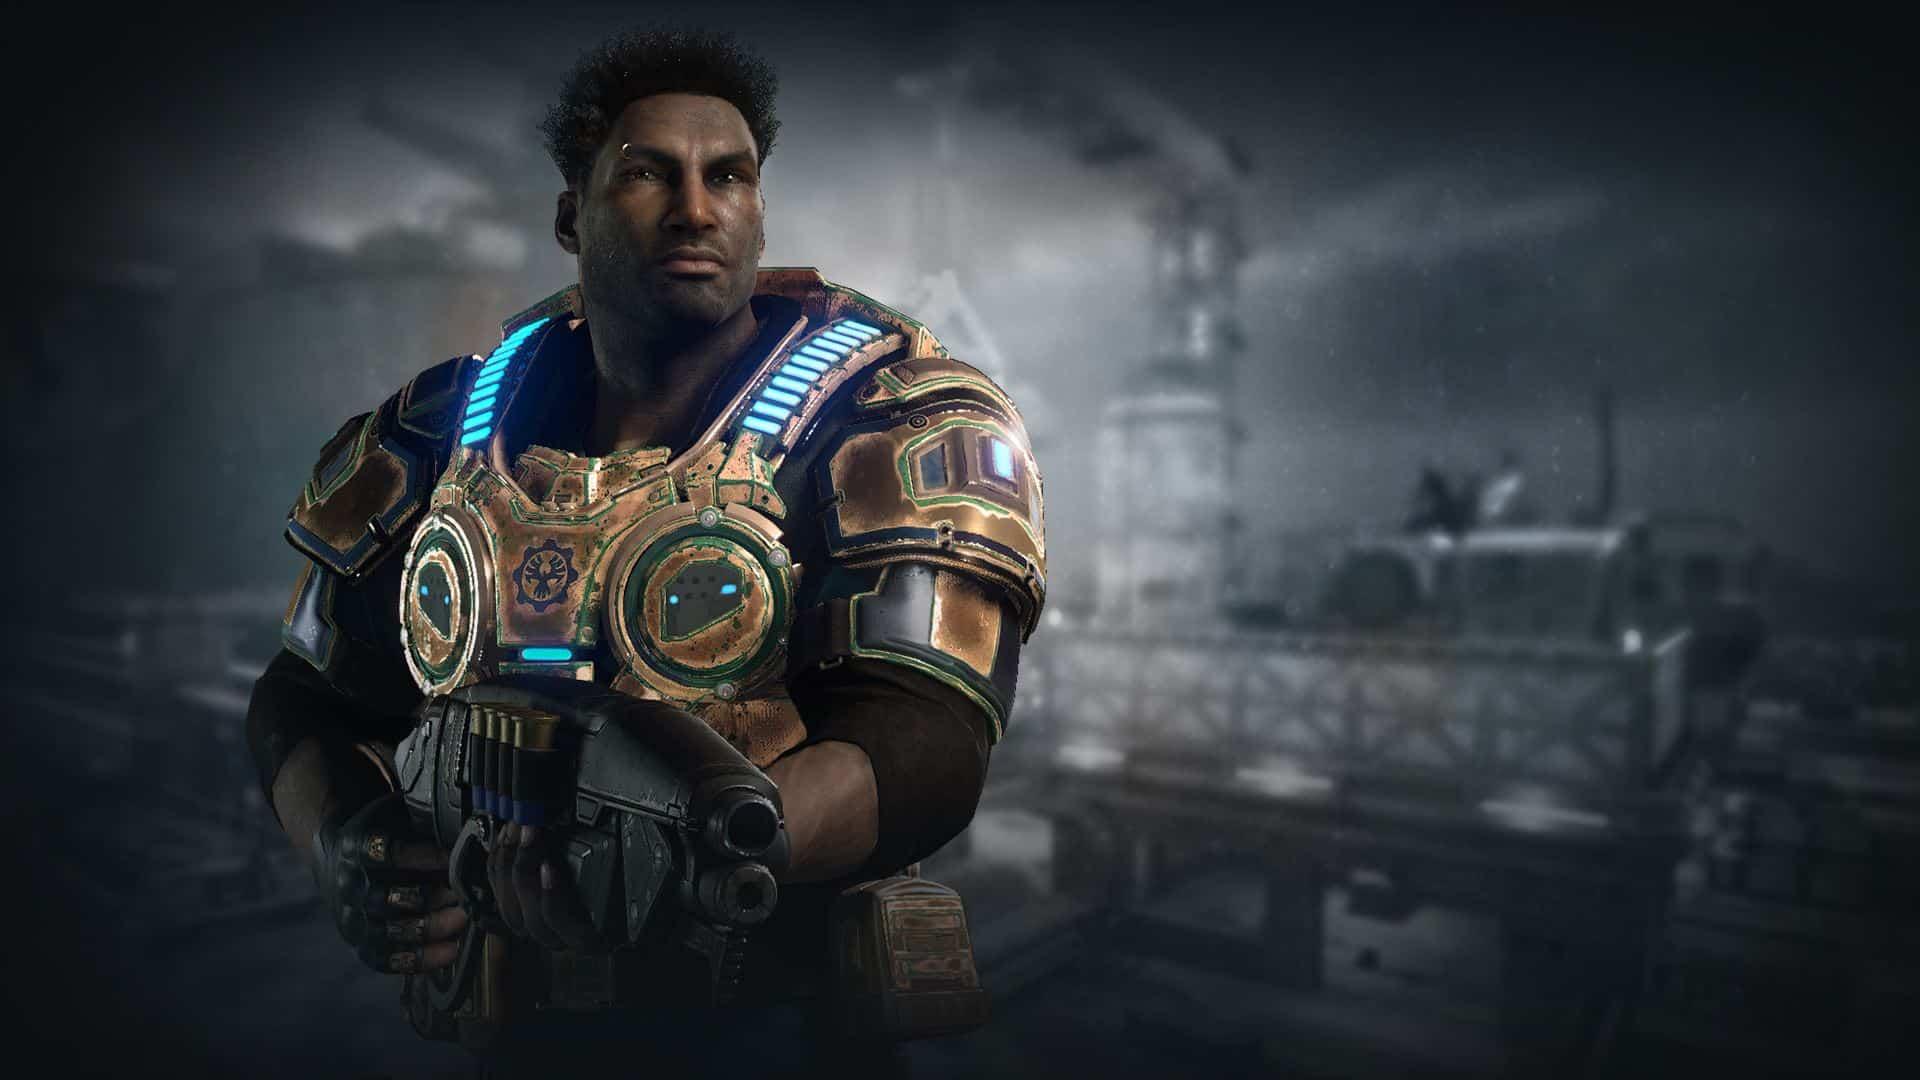 Gears of War 4 : du gameplay de la campagne dévoilé